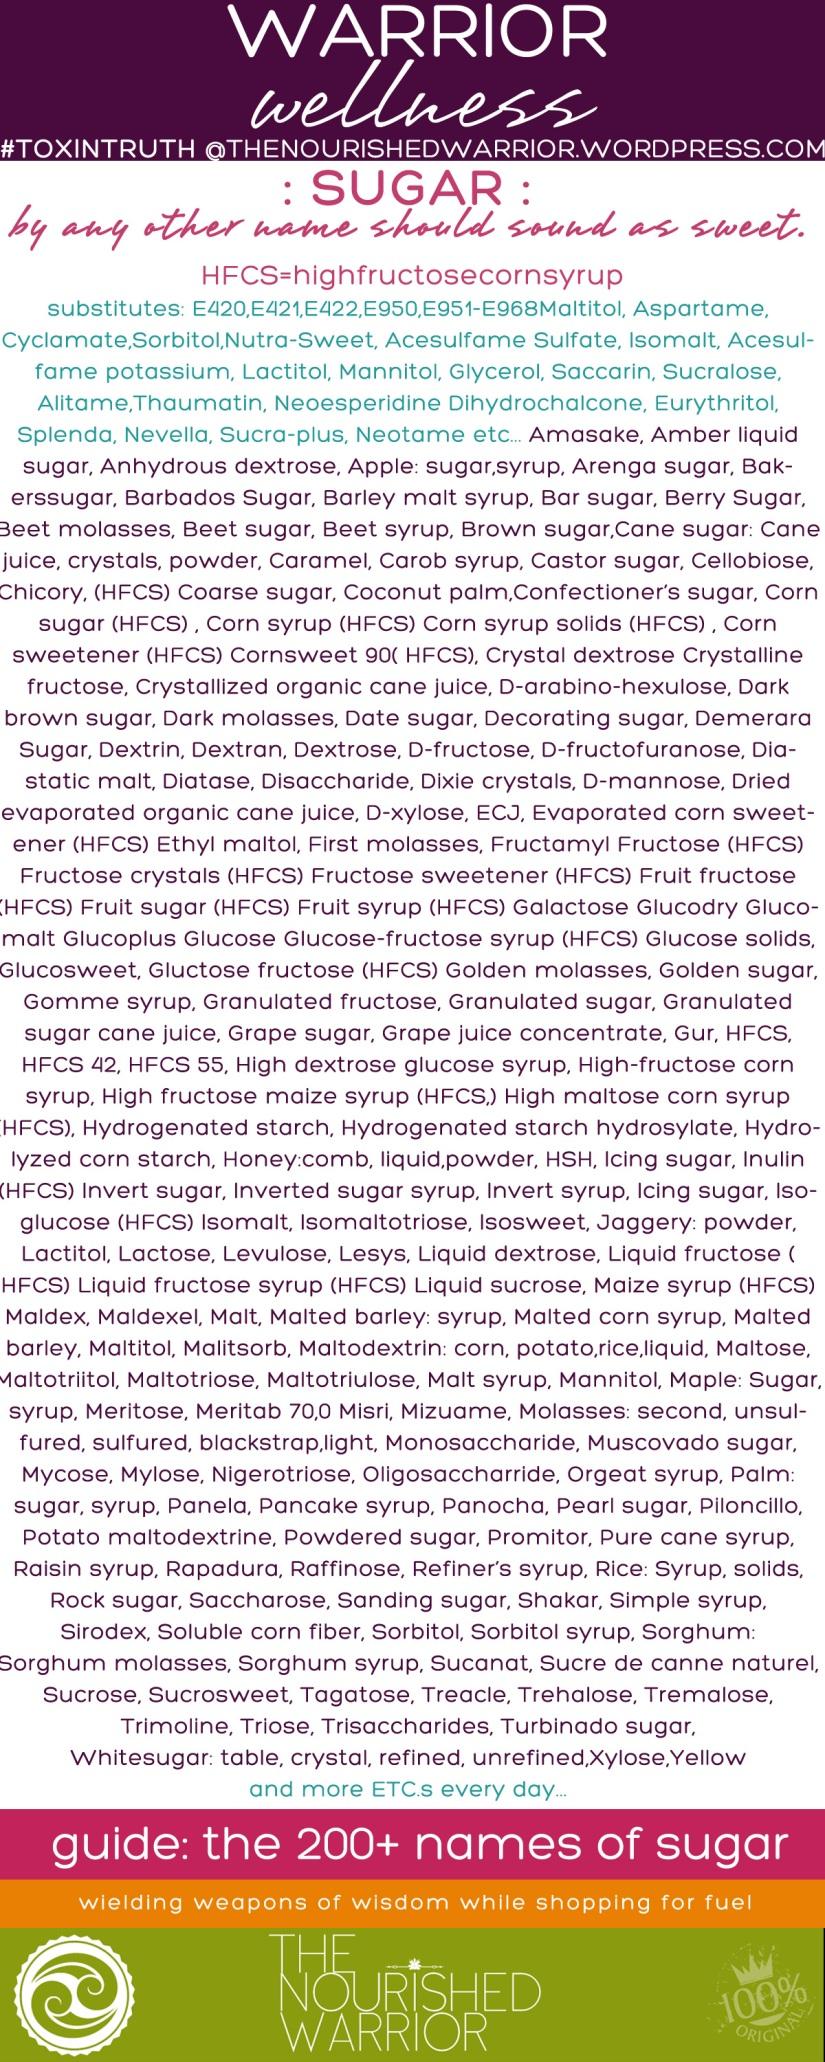 toxintruth_sugar